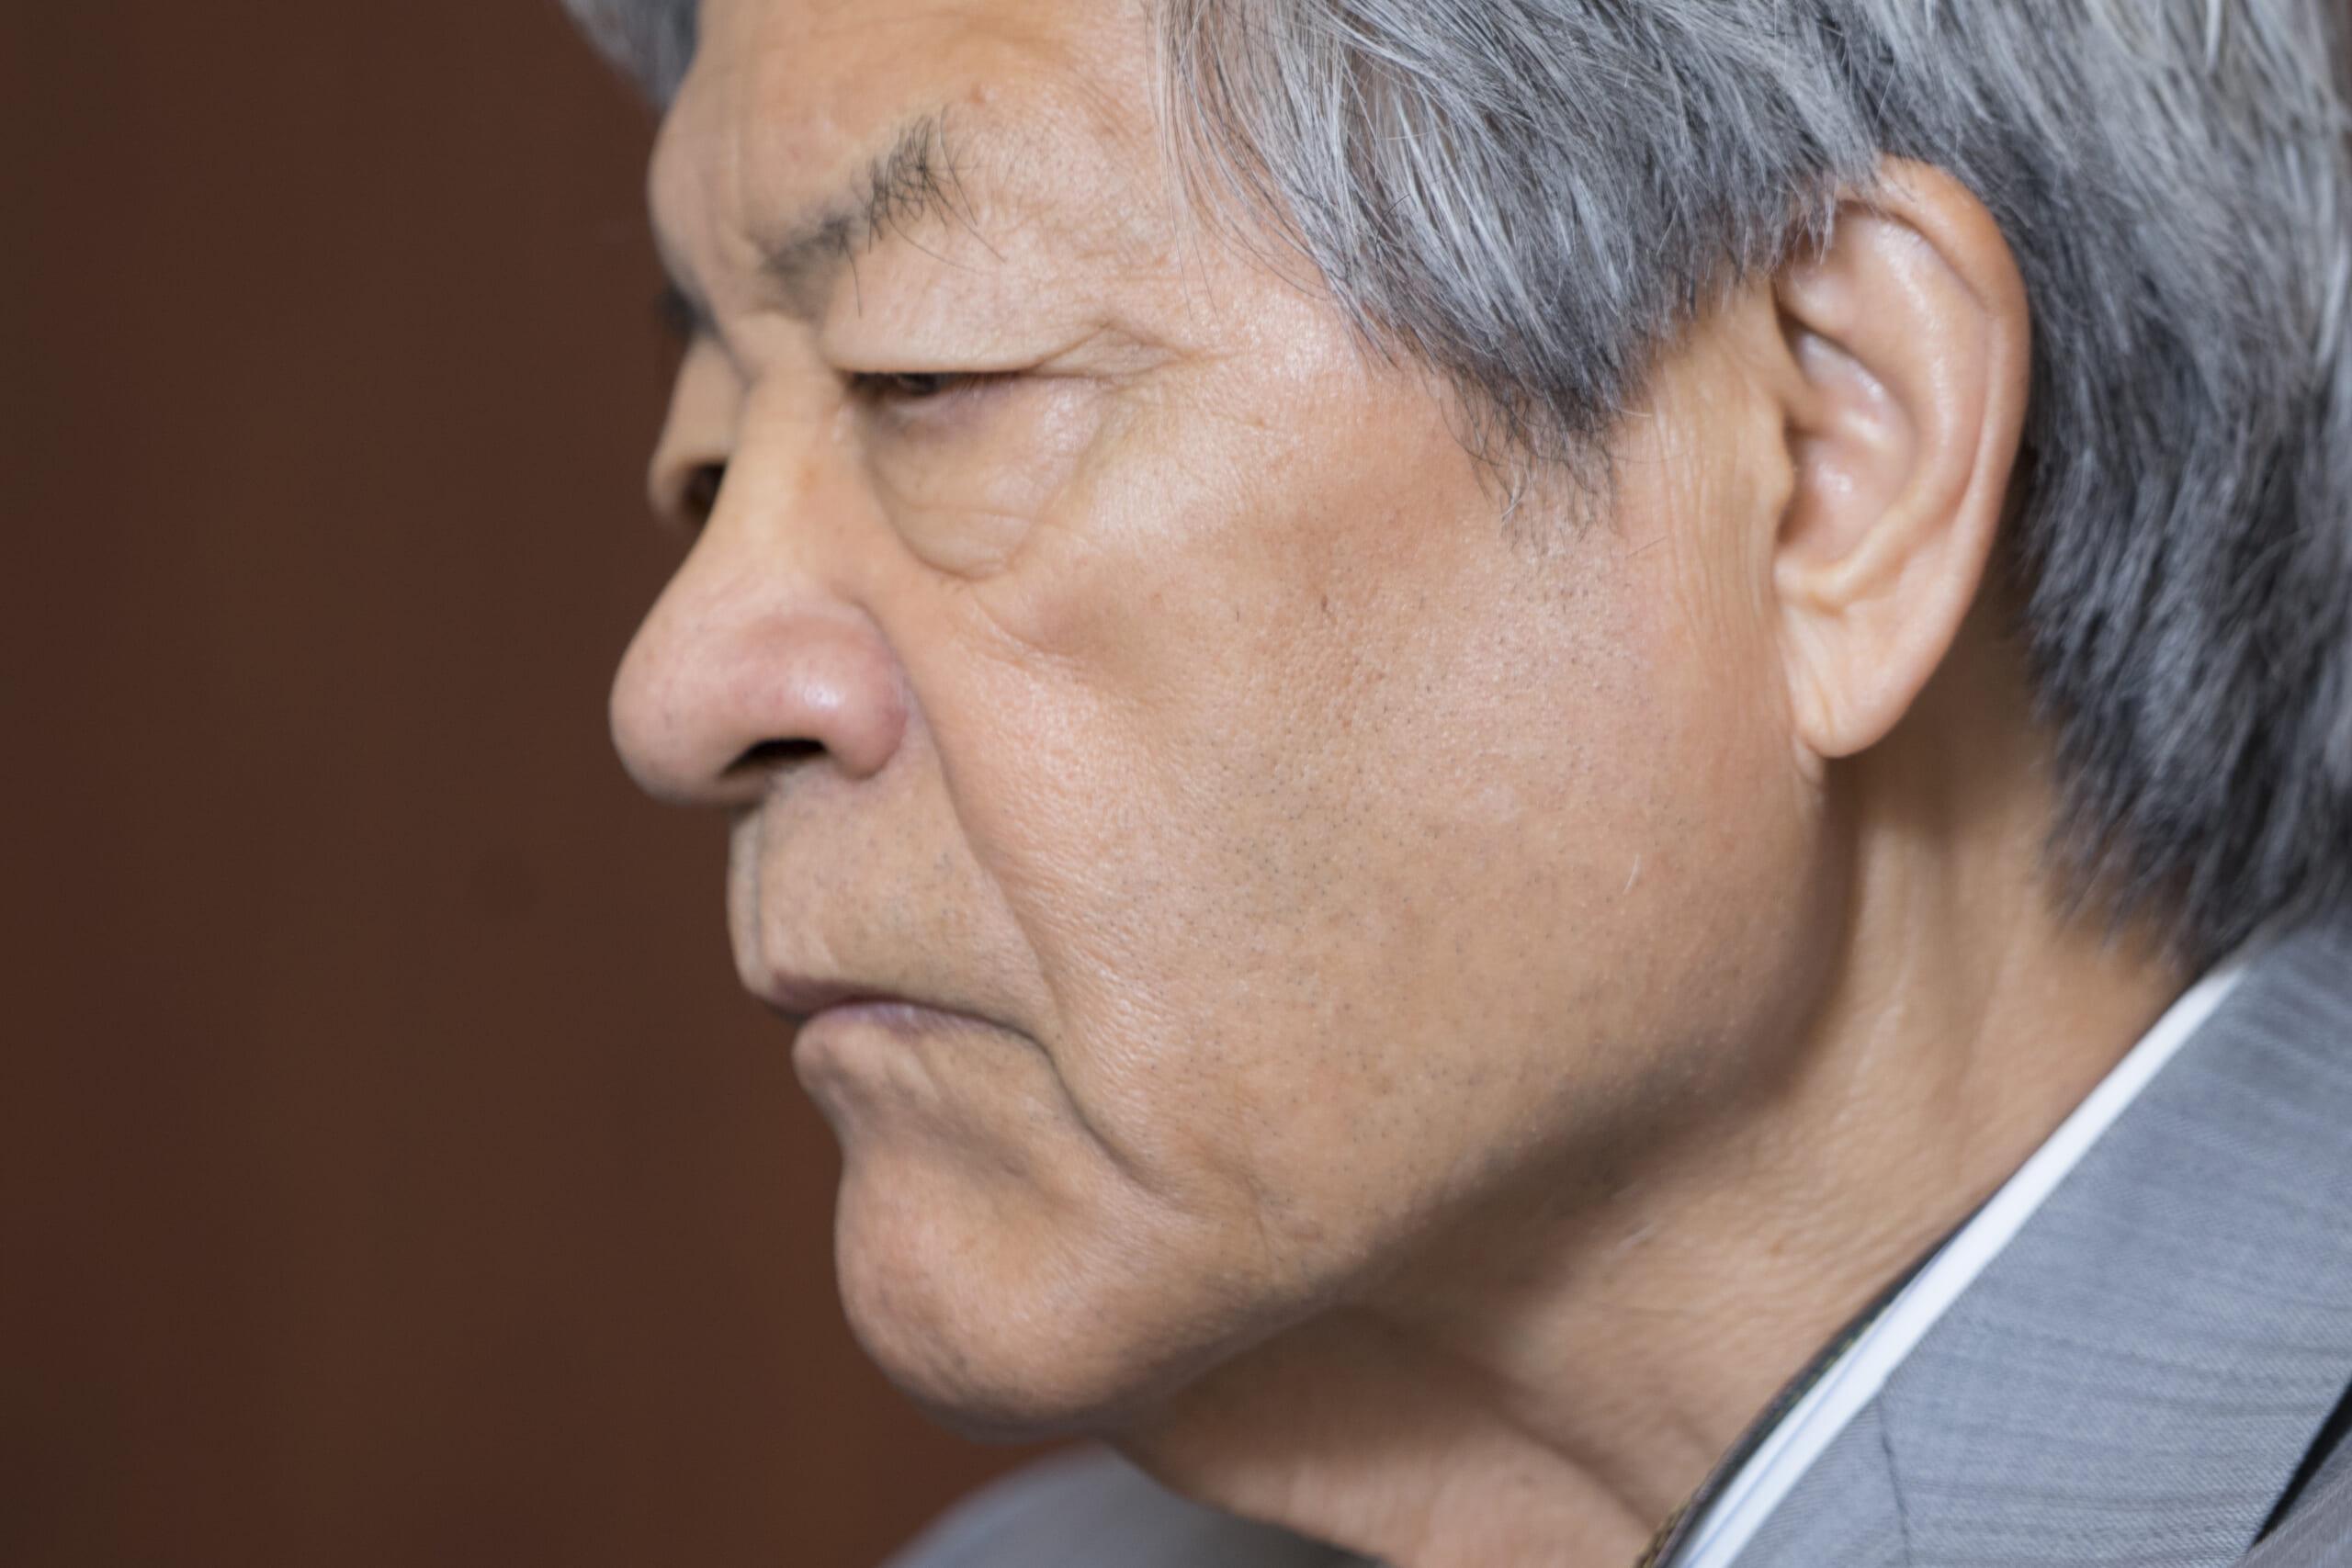 田原総一朗 「コンピュータの発展というのは、功罪両面あると思う」